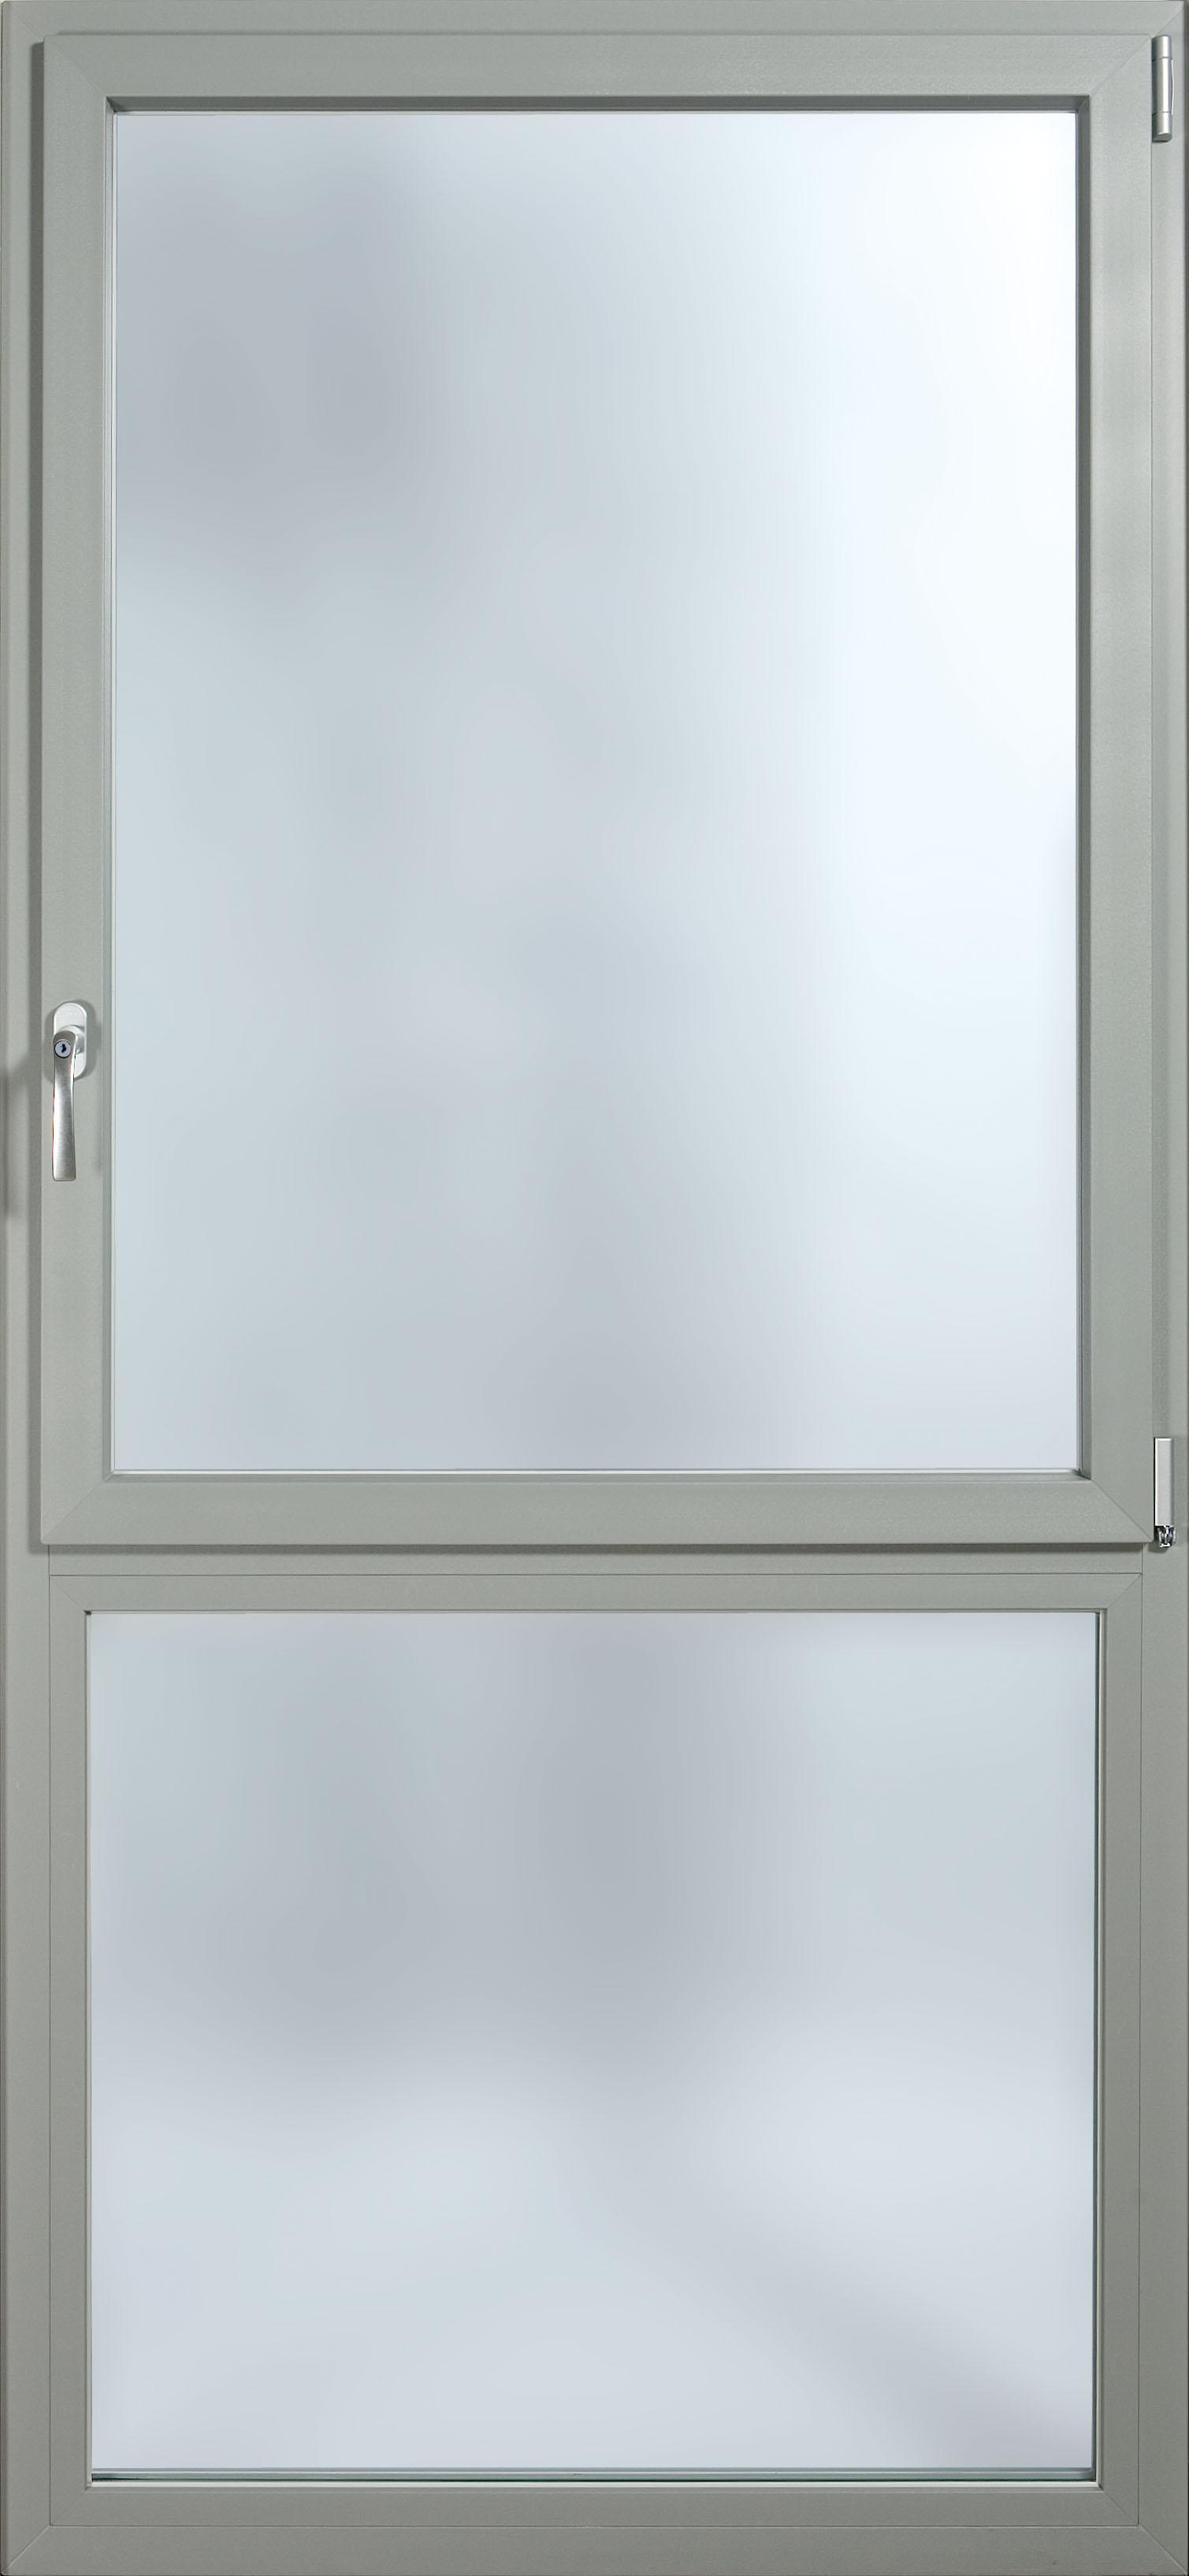 Dal telaio al vetro accoppiato protezione antieffrazione - Protezione per finestre ...